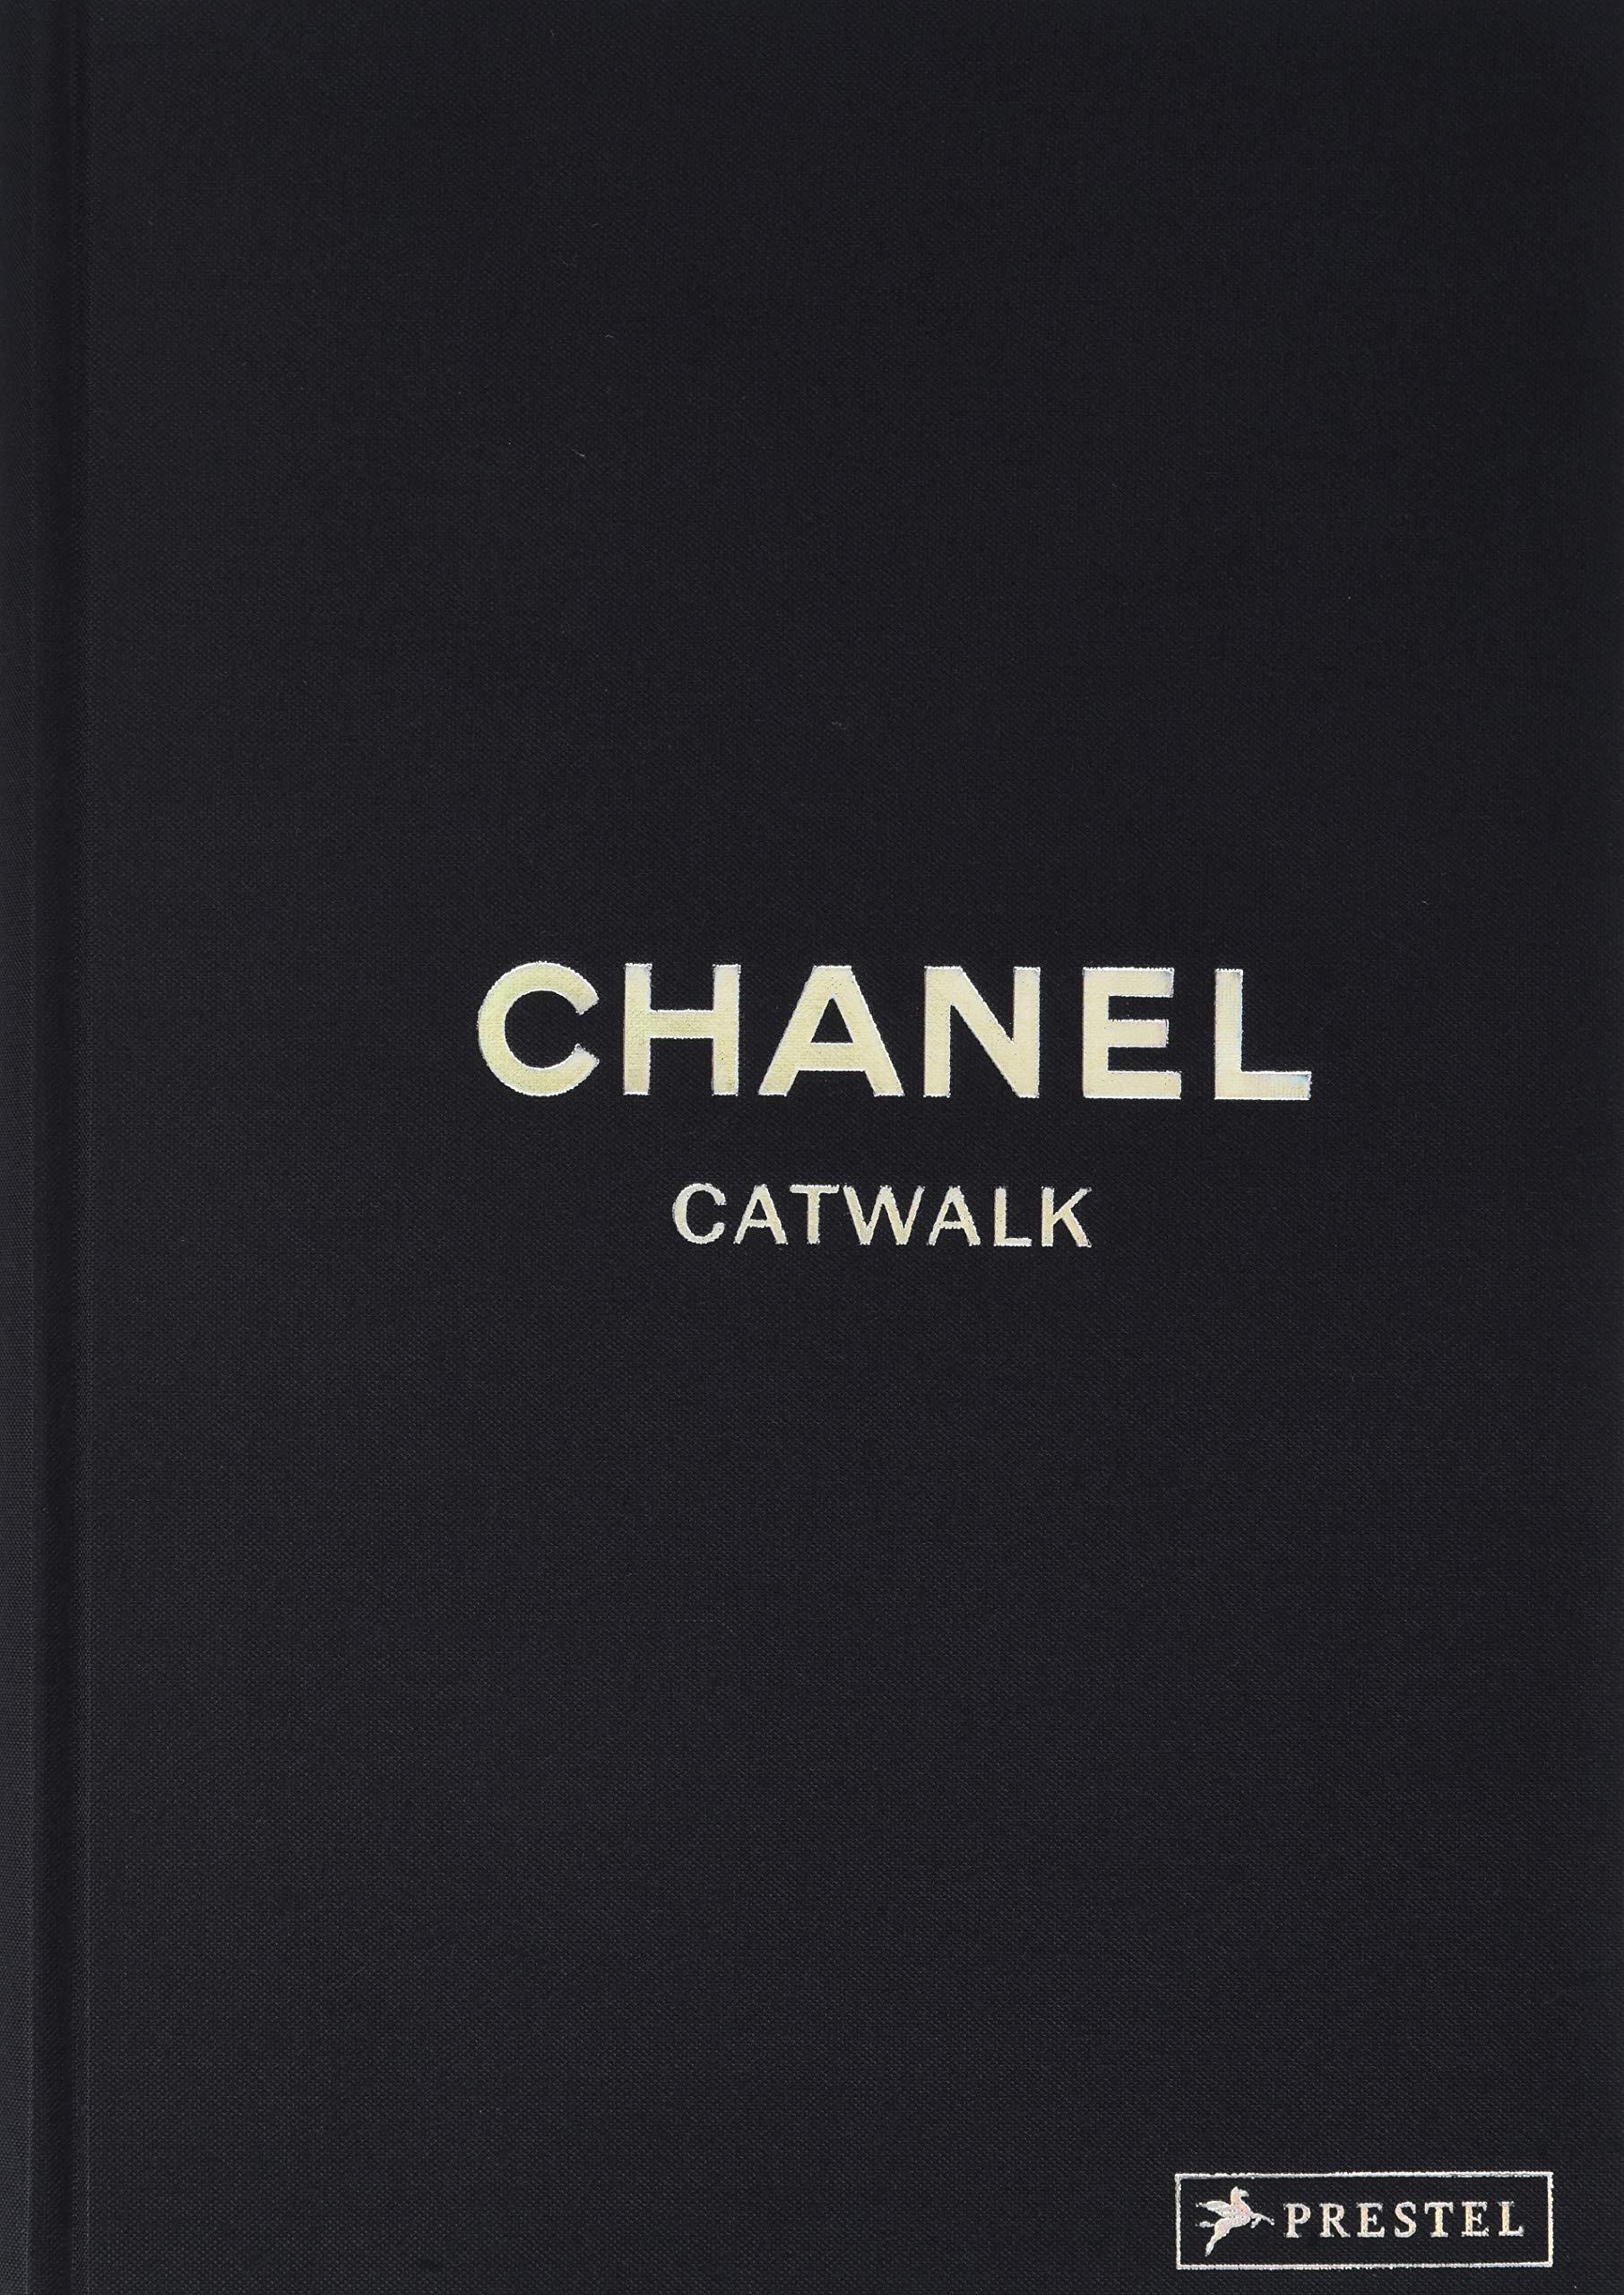 c7e7d726c0f41 Chanel Catwalk  9783791382579  Amazon.com  Books